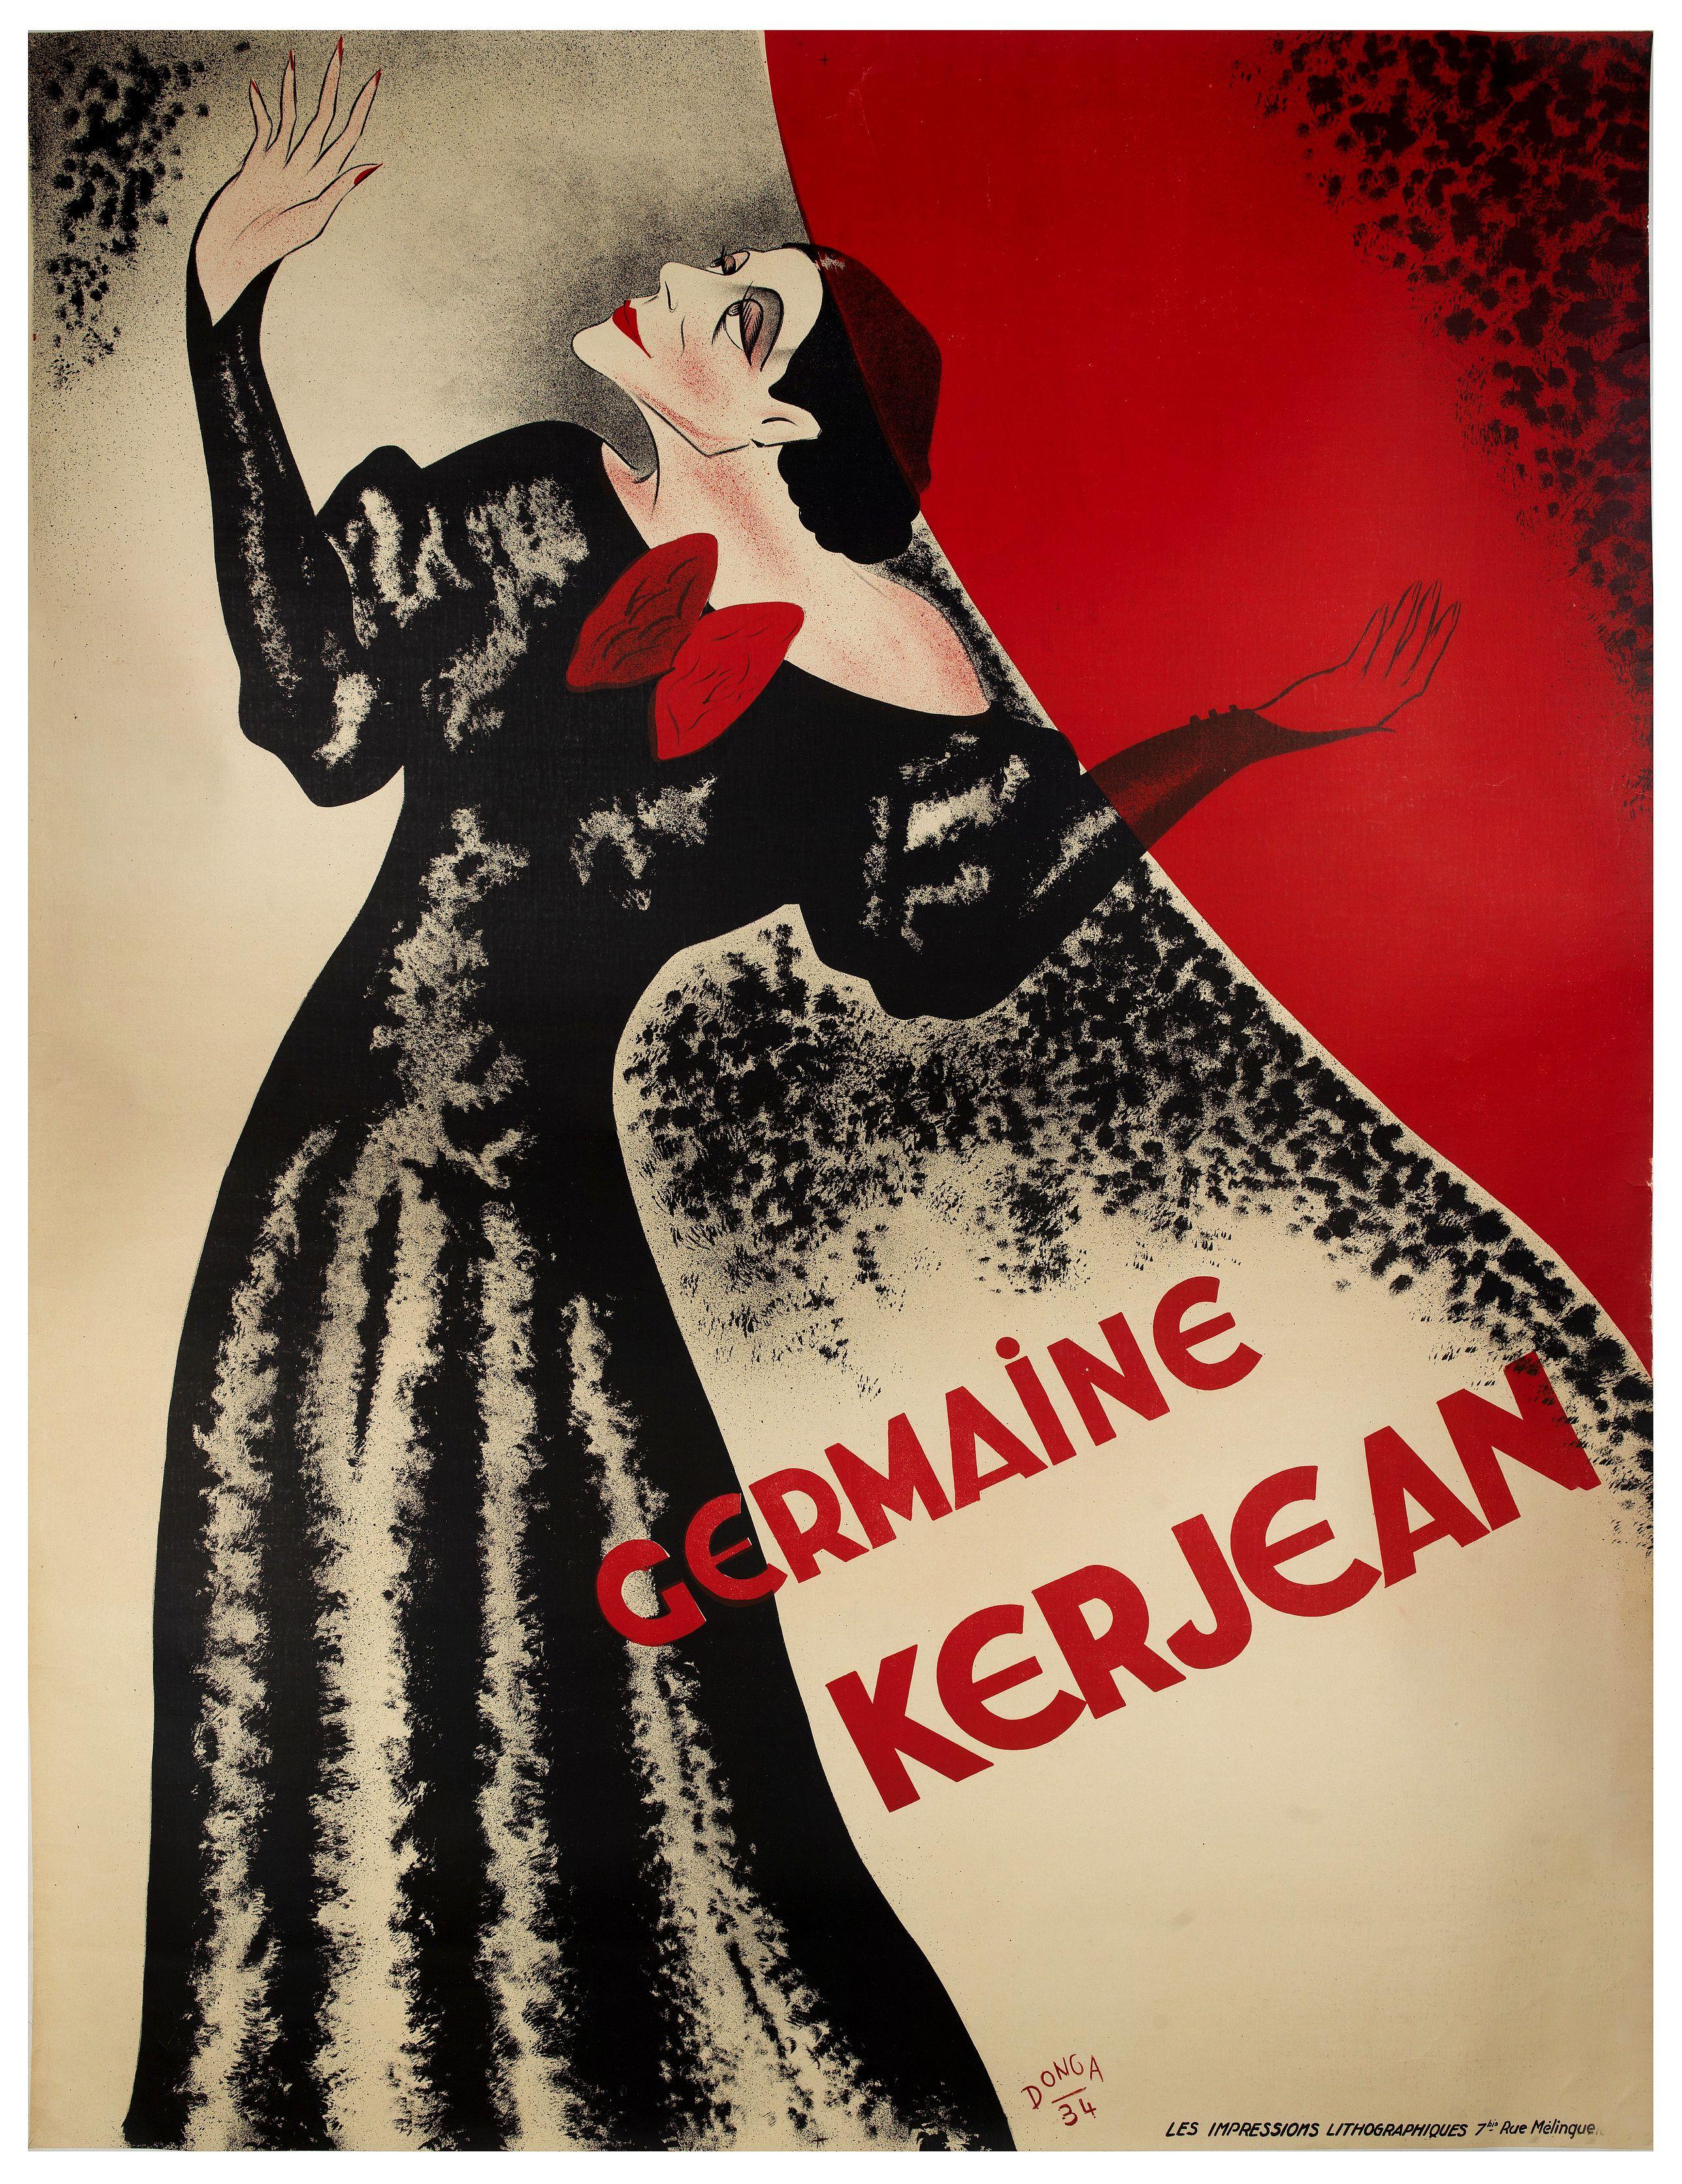 DONGA -  Germaine Kerjean. (Show poster)